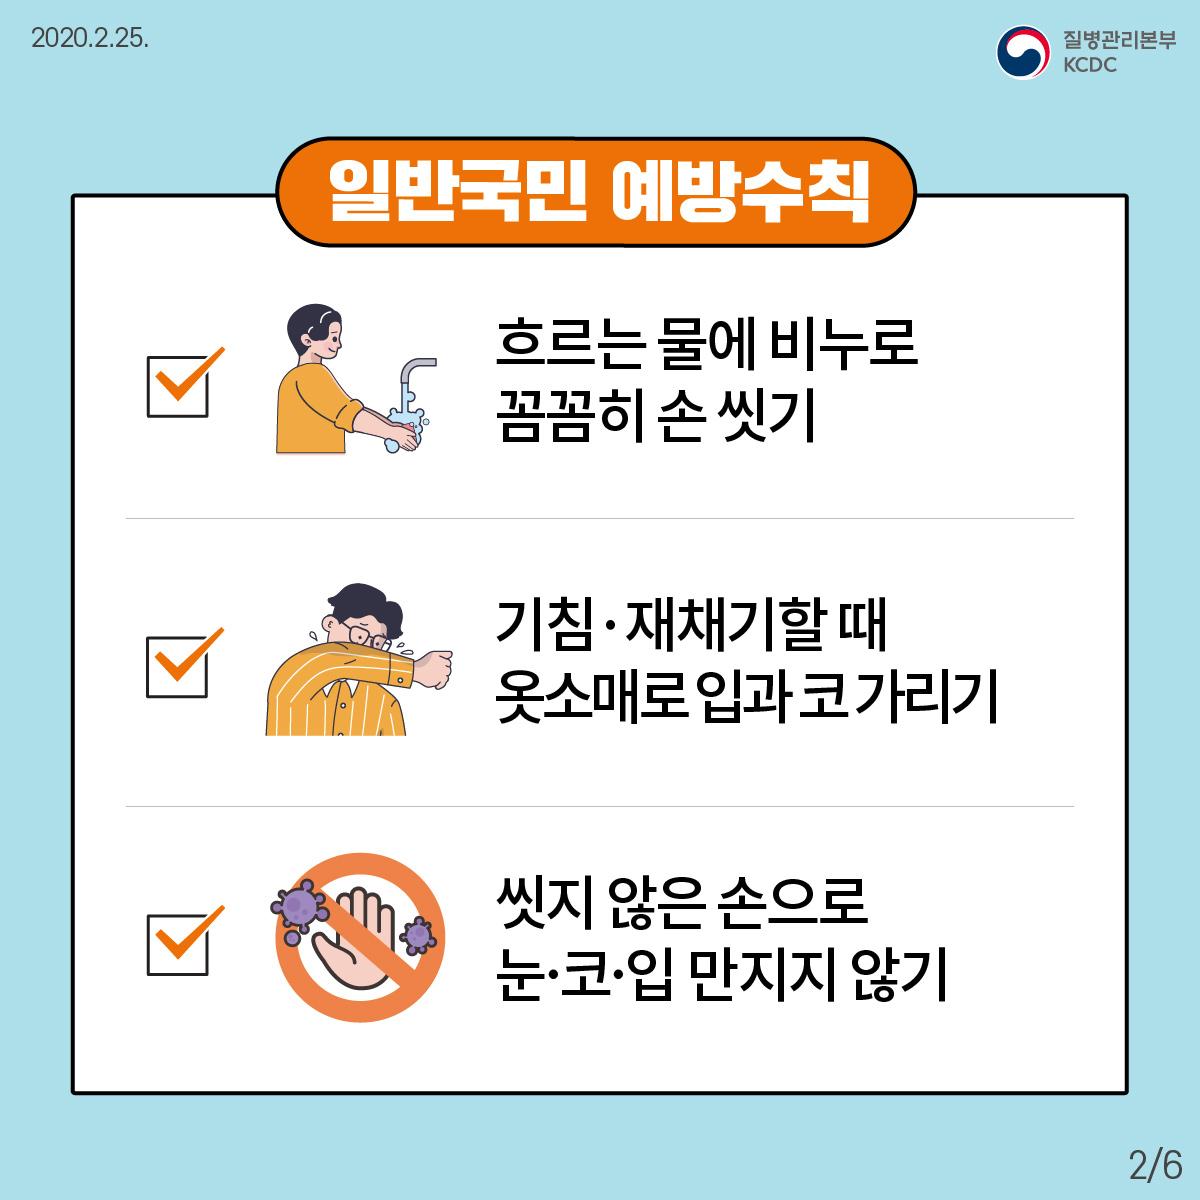 일반국민 예방수칙 1. 흐르는 물에 비누로 손을 꼼꼼하게 씻으세요. 2. 기침이나 재채기할 때 옷소매로 입과 코를 가리세요. 3. 씻지 않은 손으로 눈·코·입을 만지지 마십시오.